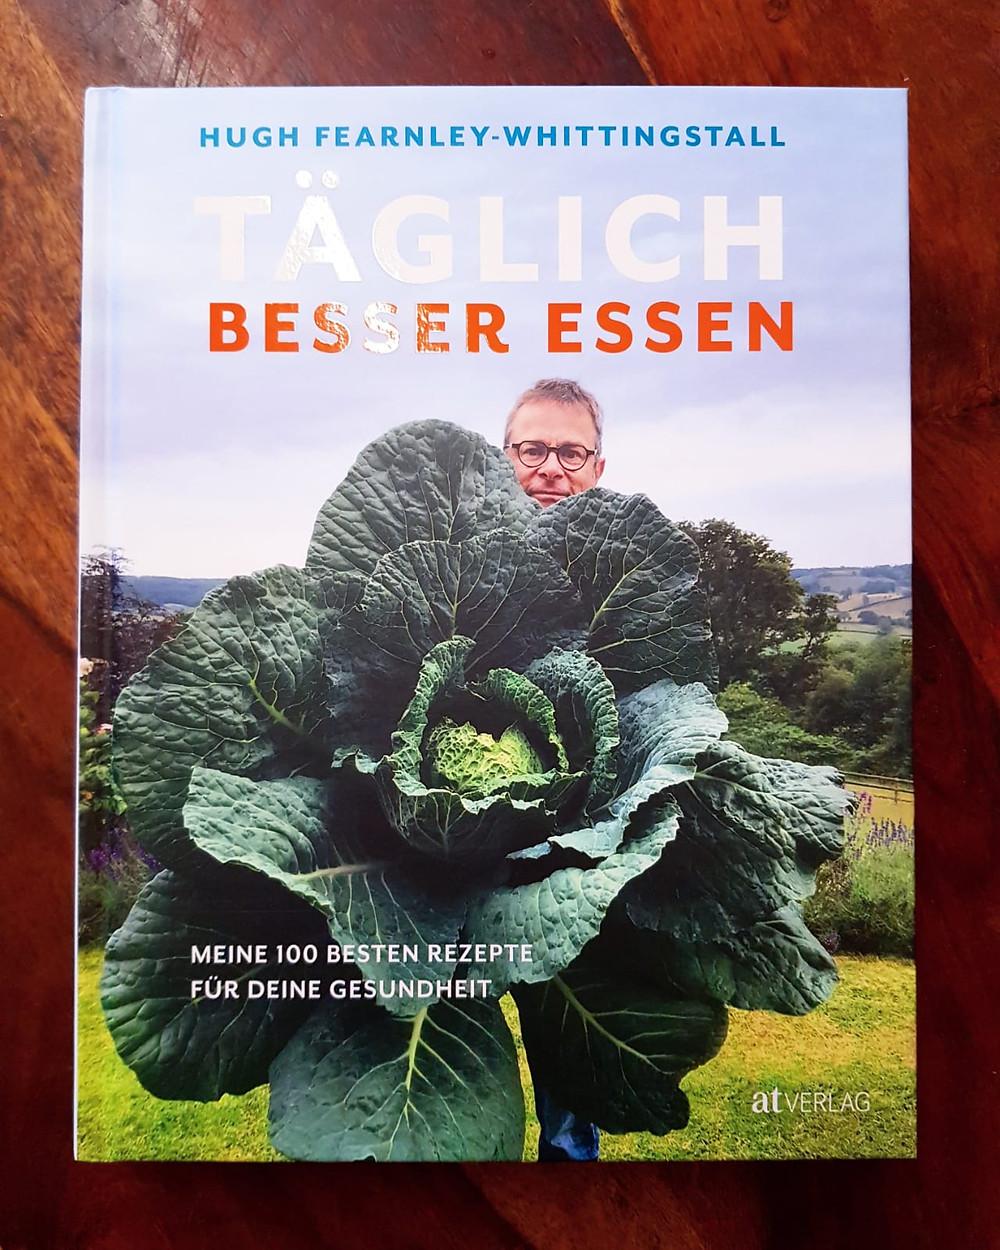 """""""Täglich besser essen"""" von Hugh Fearnley-Whittingstall"""